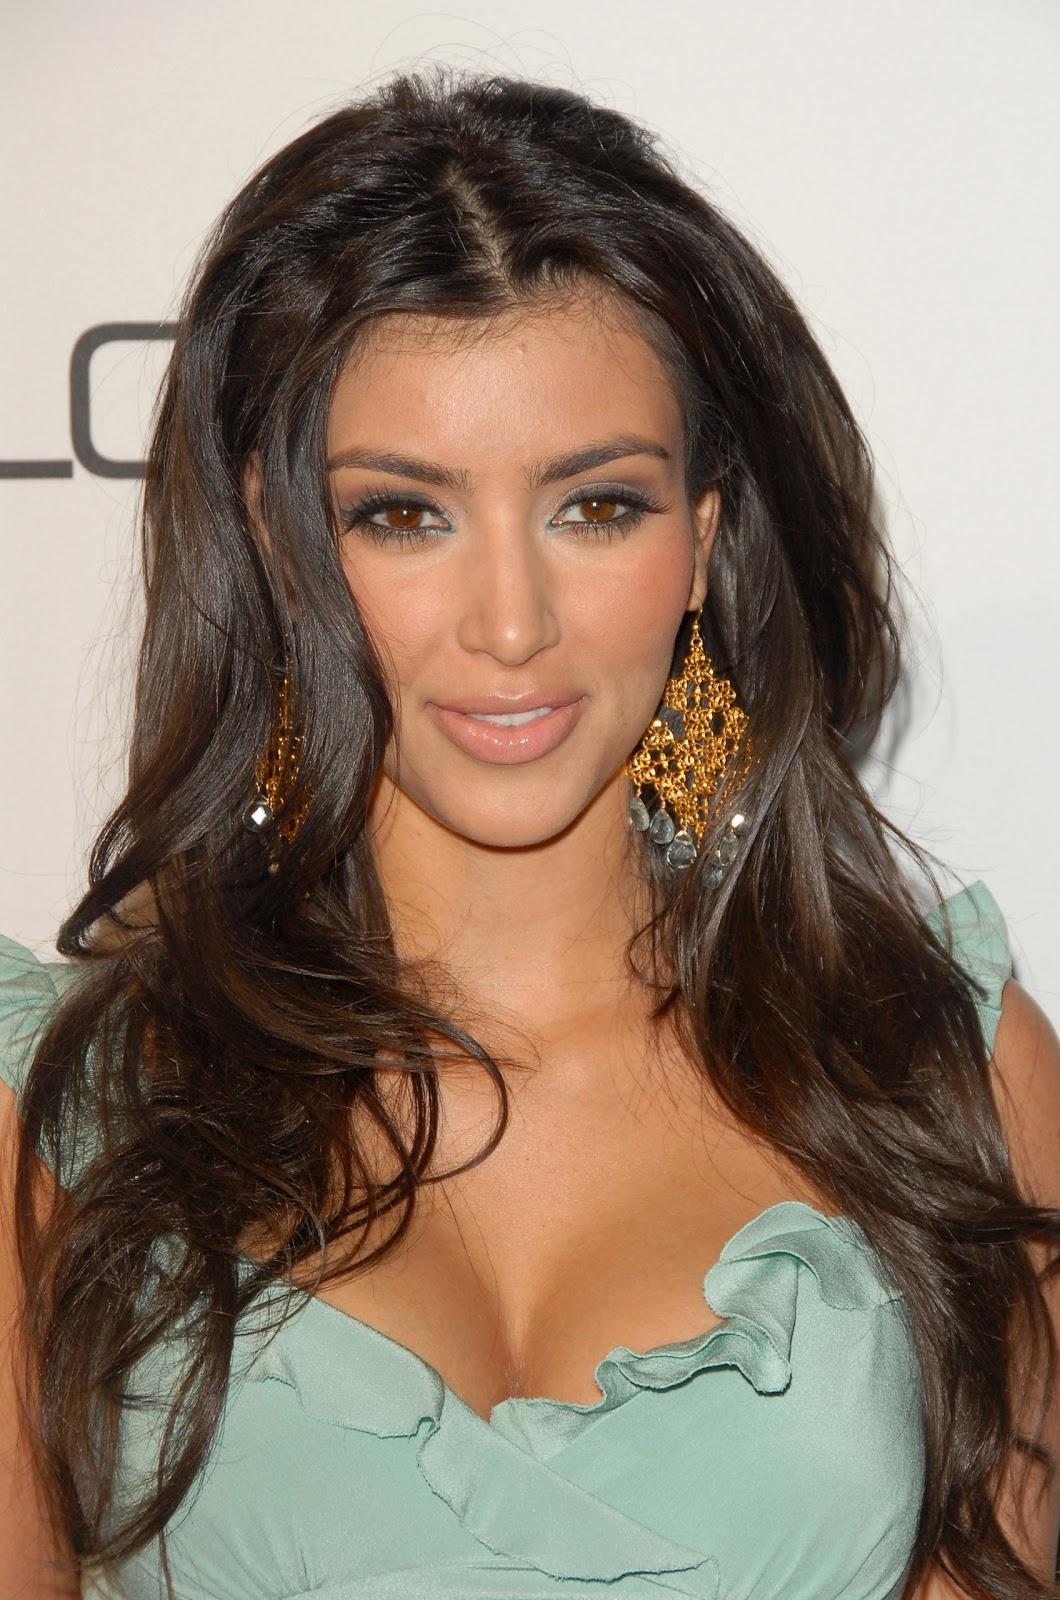 http://1.bp.blogspot.com/_LVklrIcARbI/TRMGNL61xBI/AAAAAAAAAJs/mBkc-XBoFWw/s1600/Kim+Kardashian.jpg